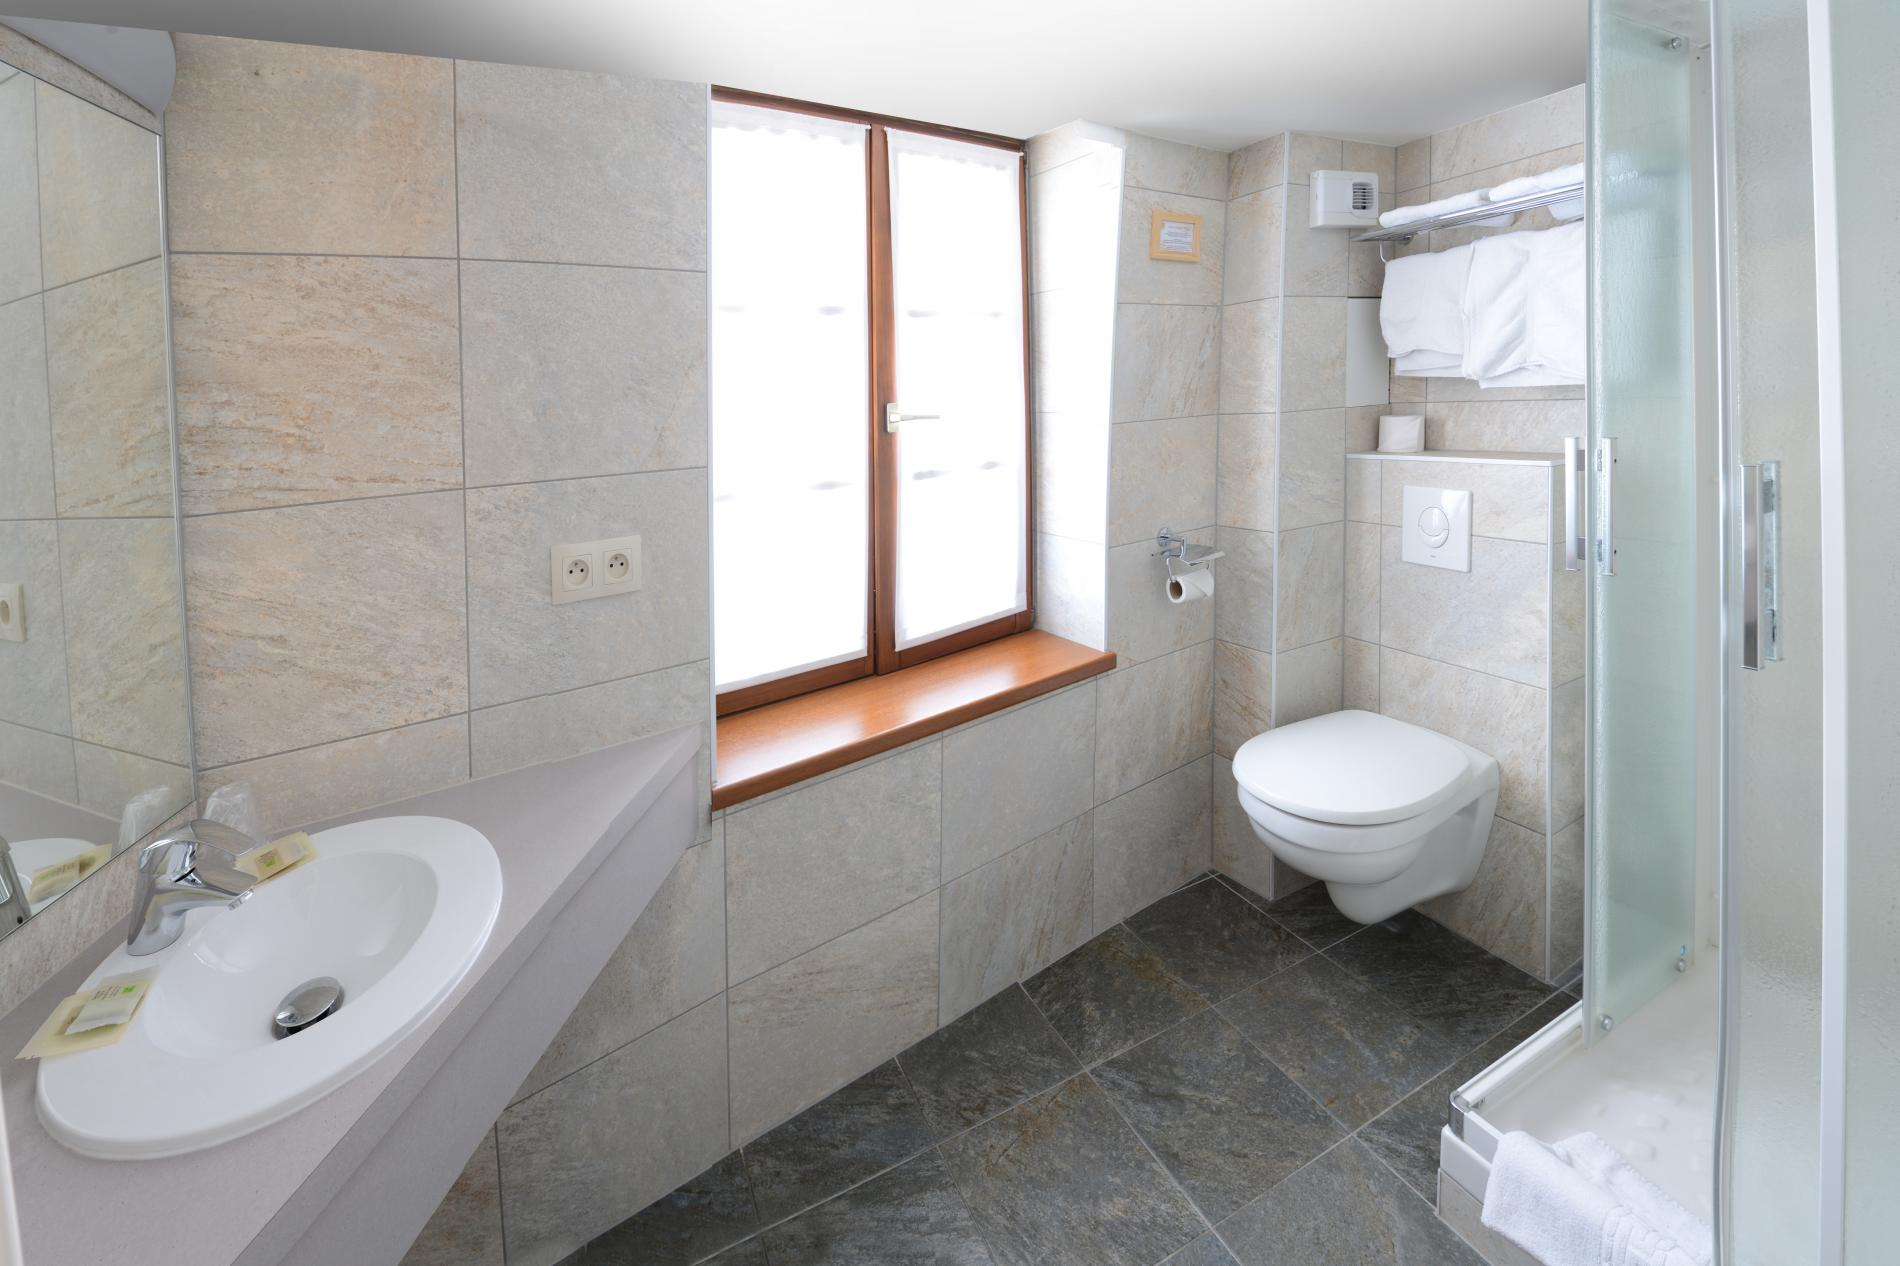 Tarifs et offres htel La Cloche  Obernai Chambre individuelle classique douche